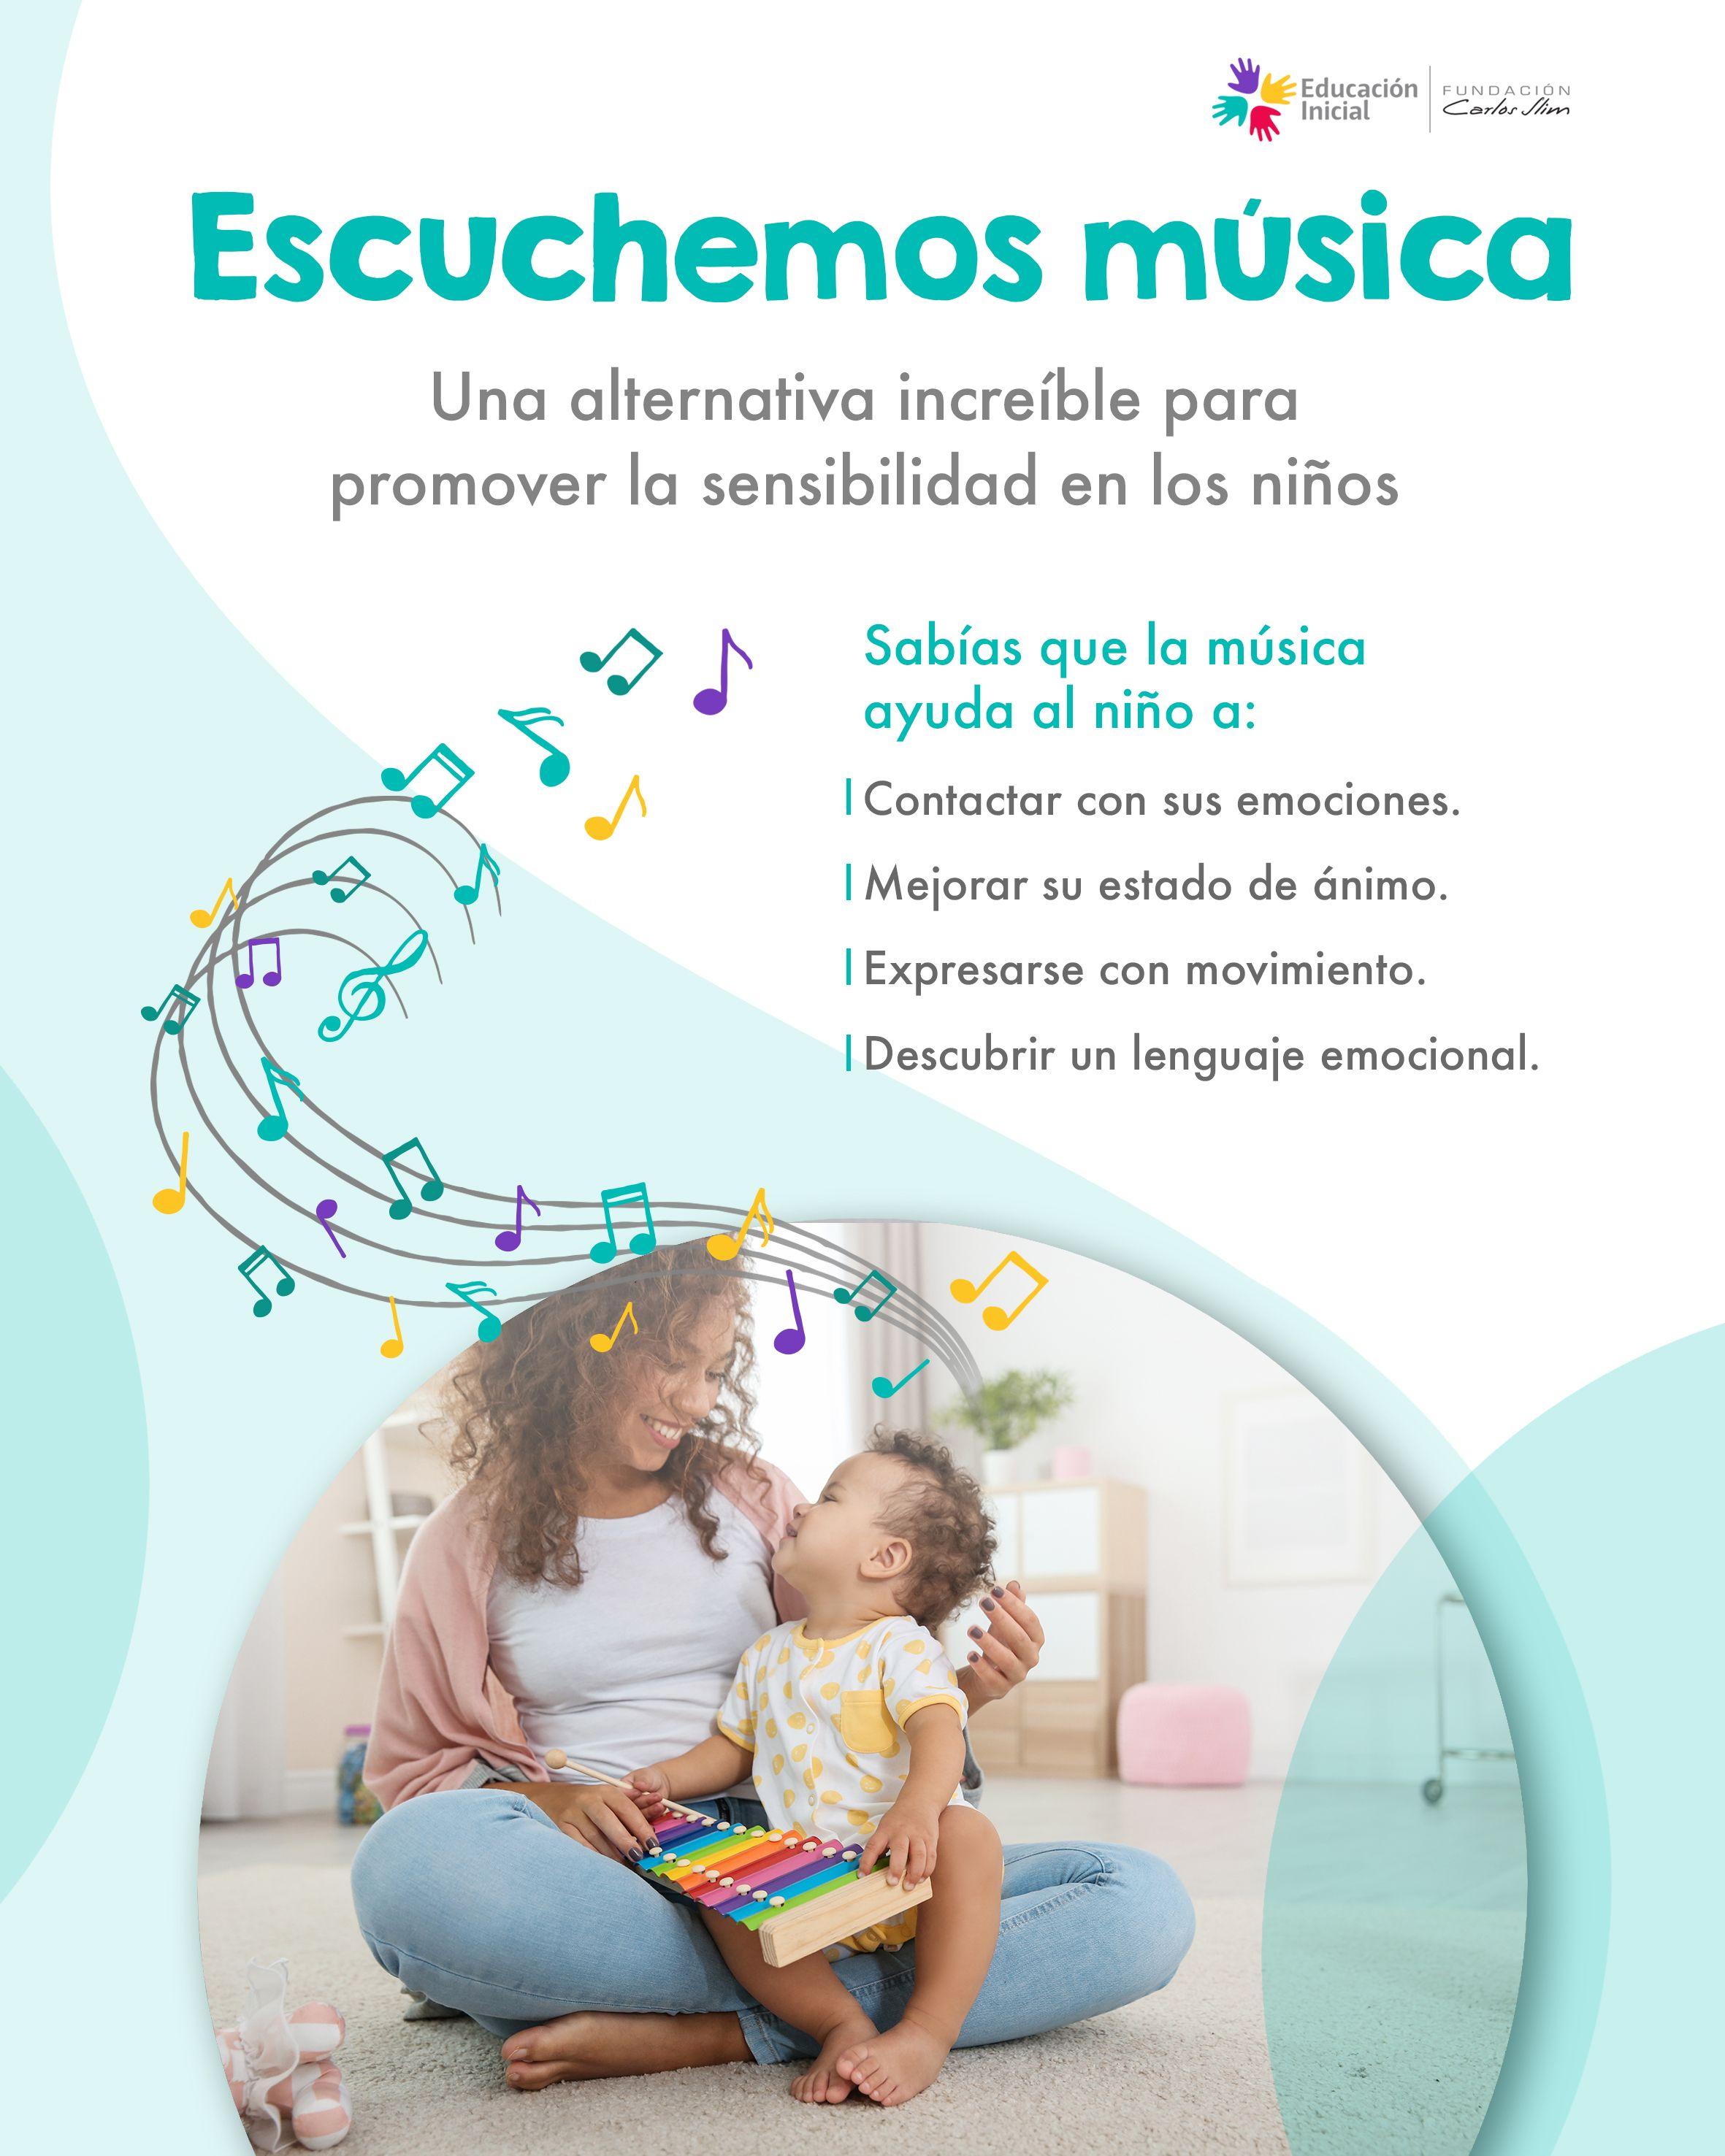 Un Primer Acercamiento A Las Emociones A Través De La Música Educacion Inicial Educacion Emocional Infantil Psicologia Niños Educación Del Bebé